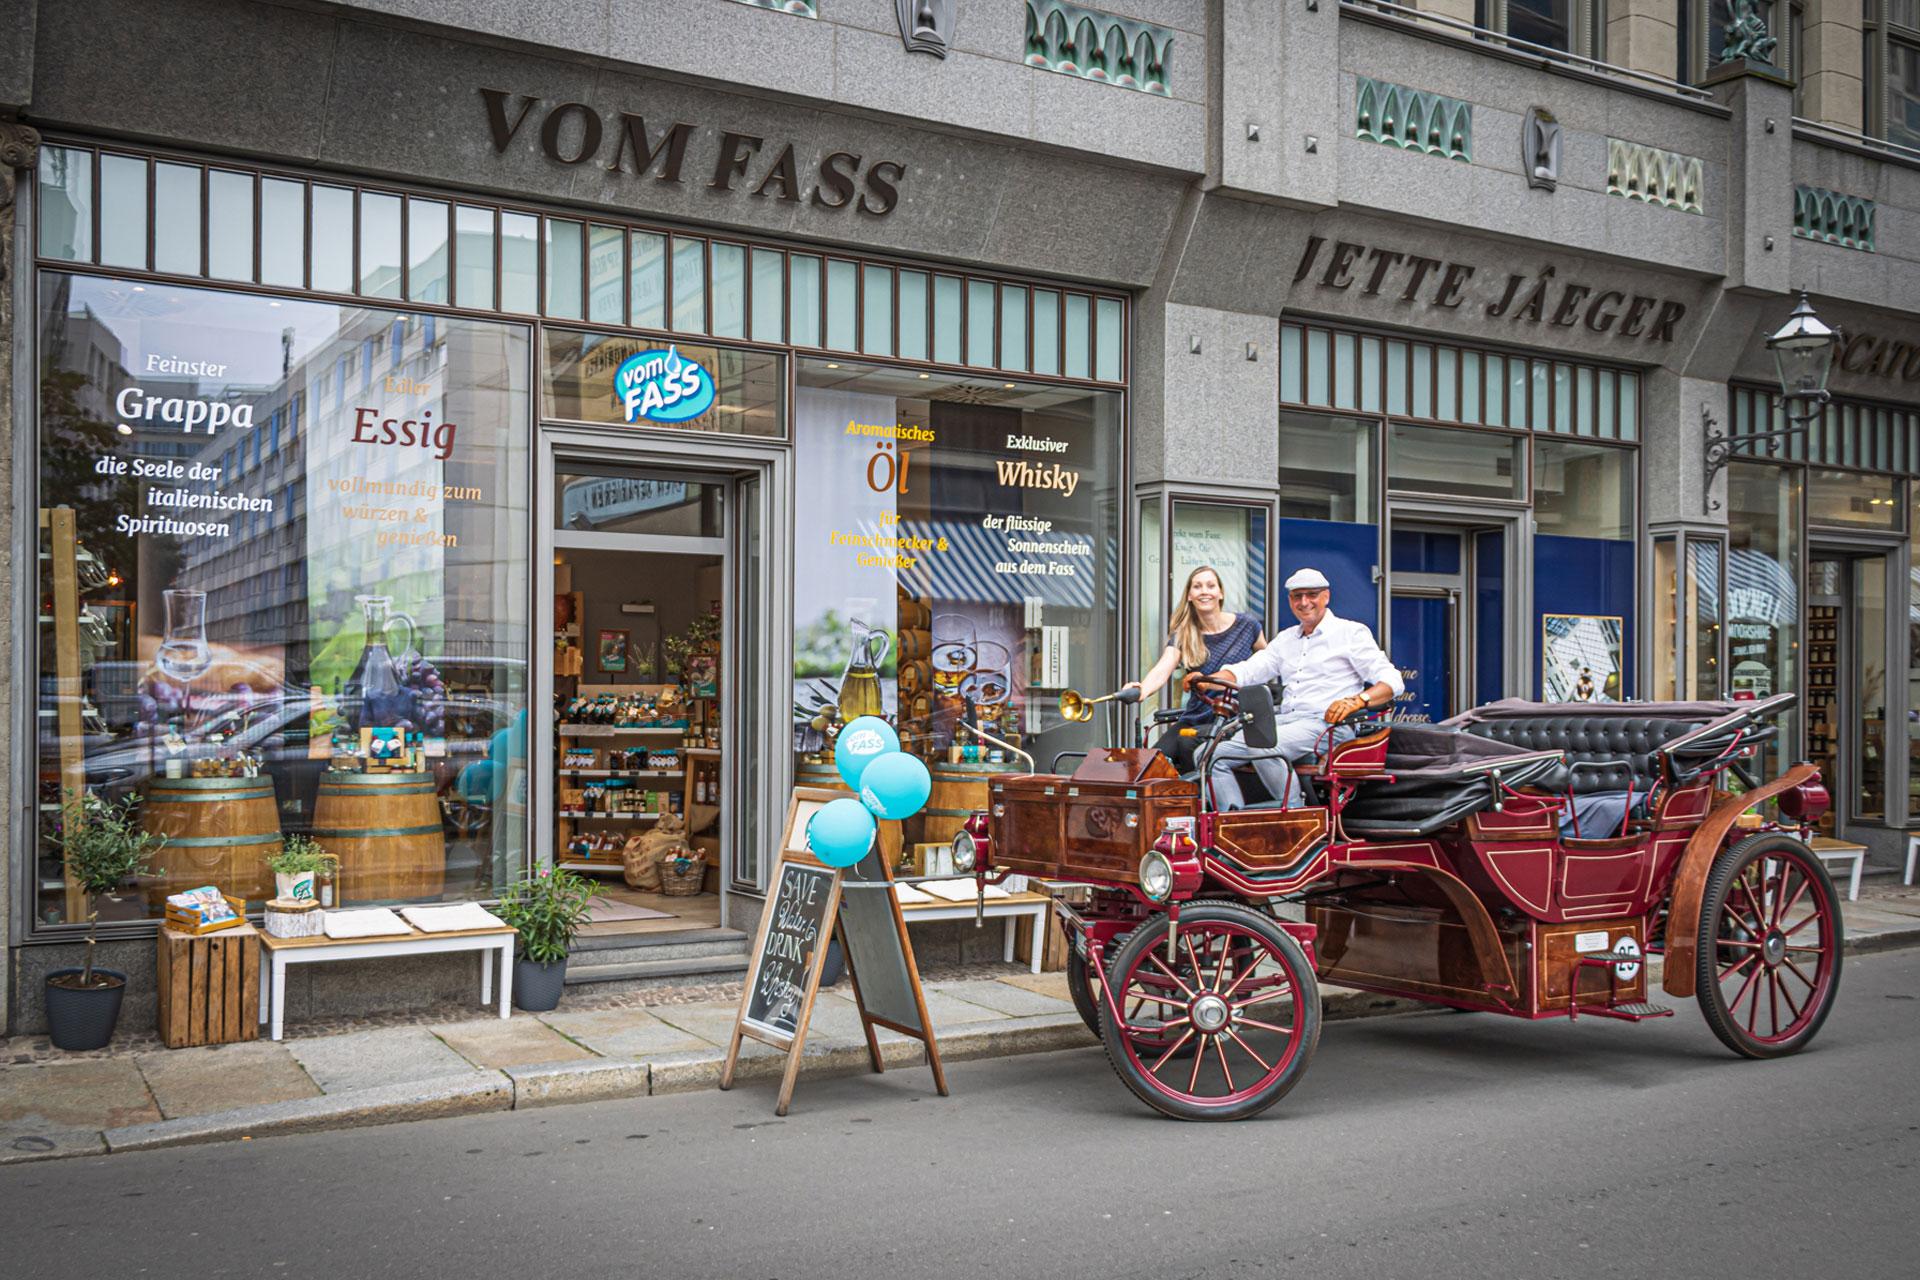 vomFASS Leipzig